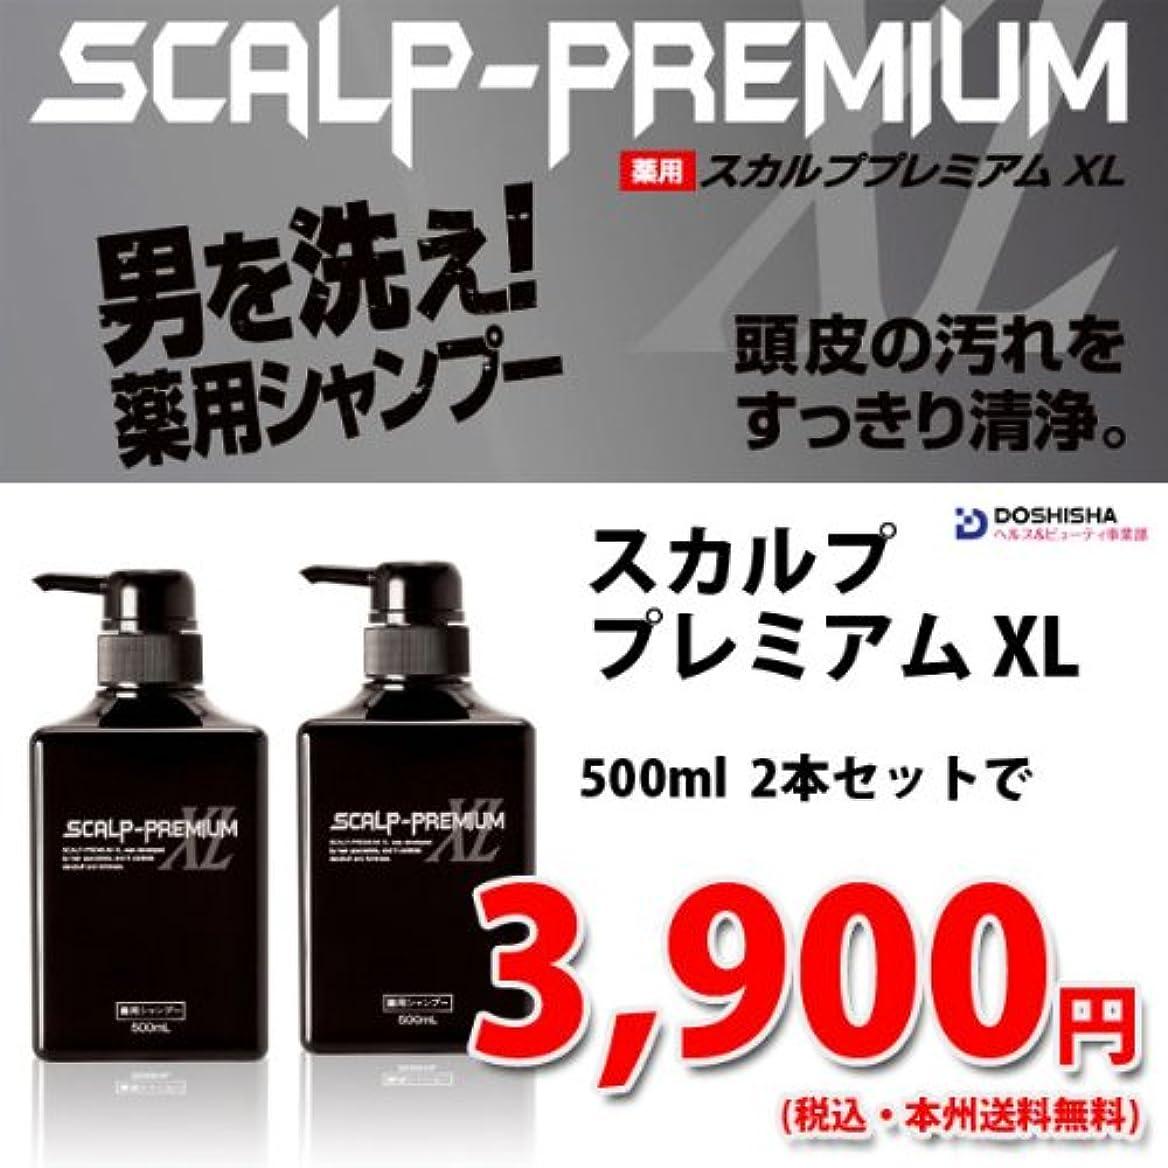 頭皮ケア スカルププレミアムXL シャンプー 500ml×2本